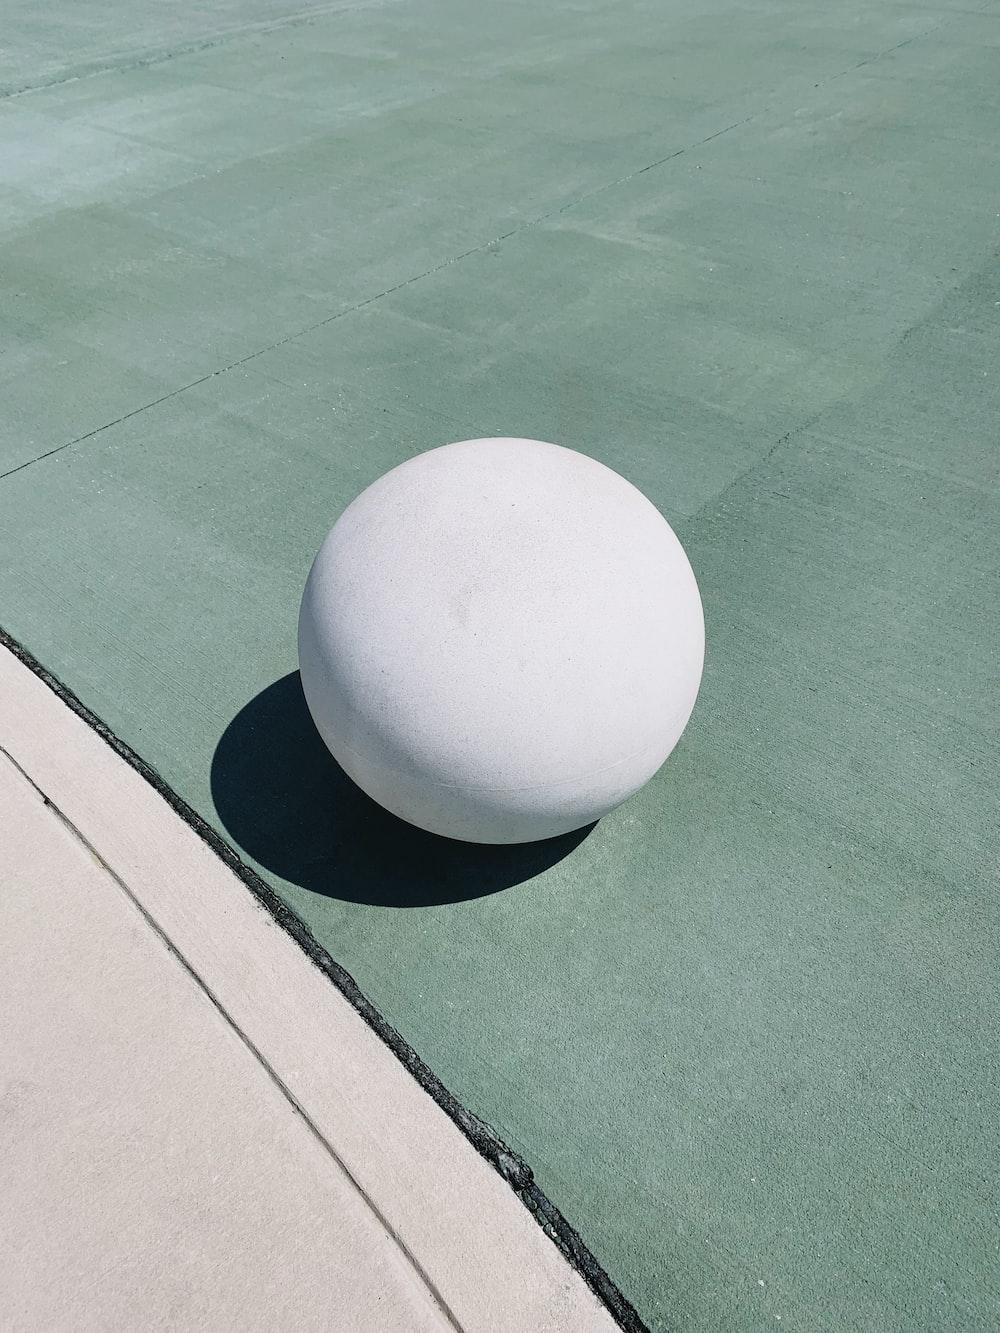 round white ball